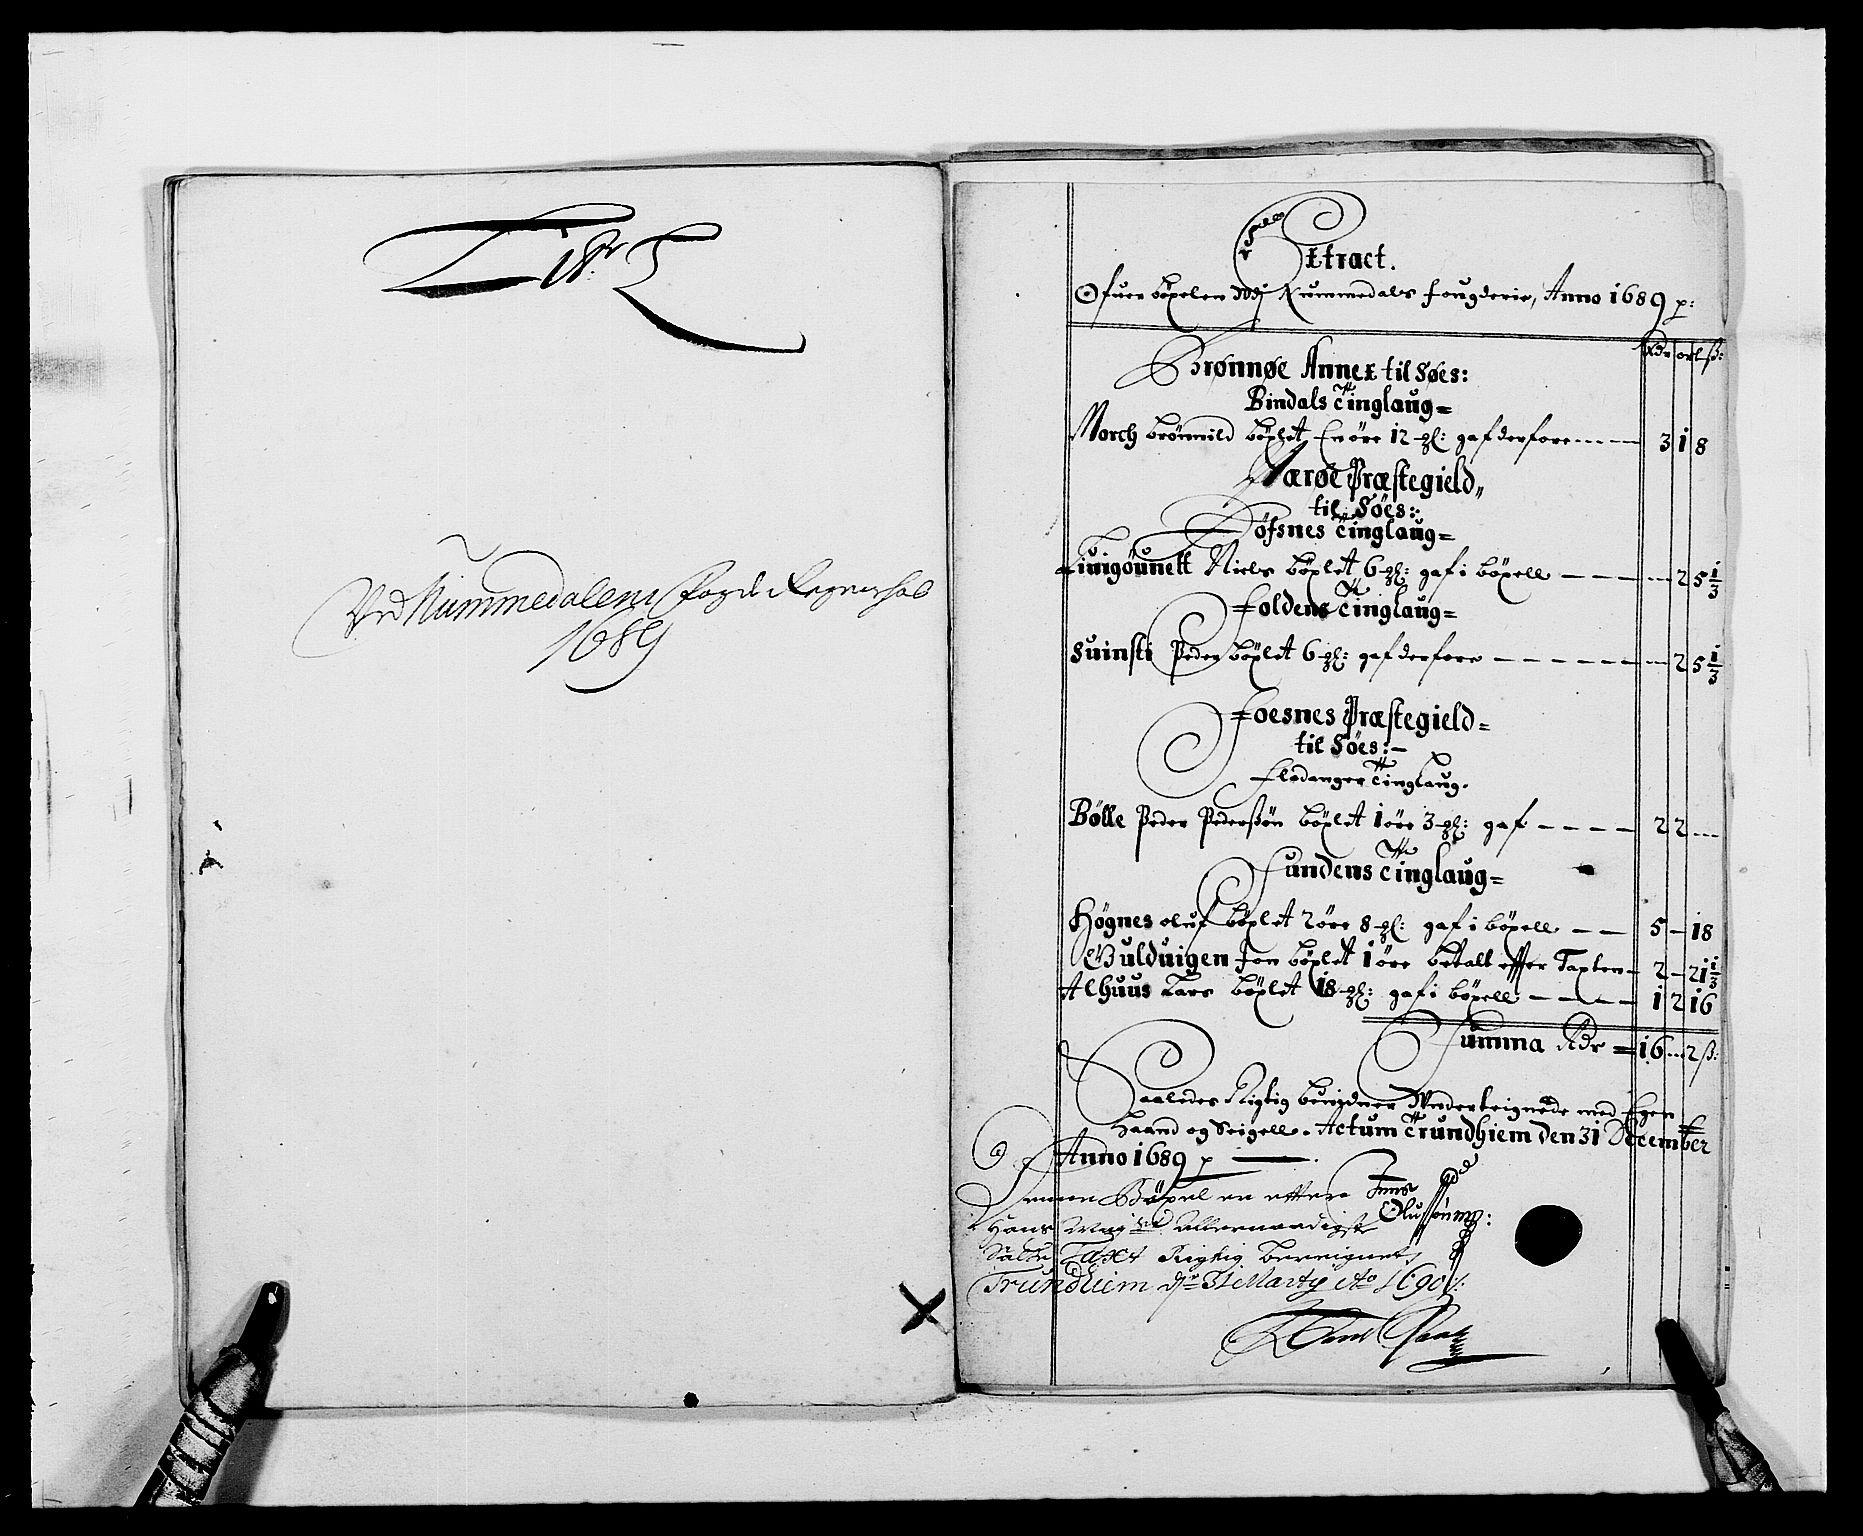 RA, Rentekammeret inntil 1814, Reviderte regnskaper, Fogderegnskap, R64/L4422: Fogderegnskap Namdal, 1687-1689, s. 266